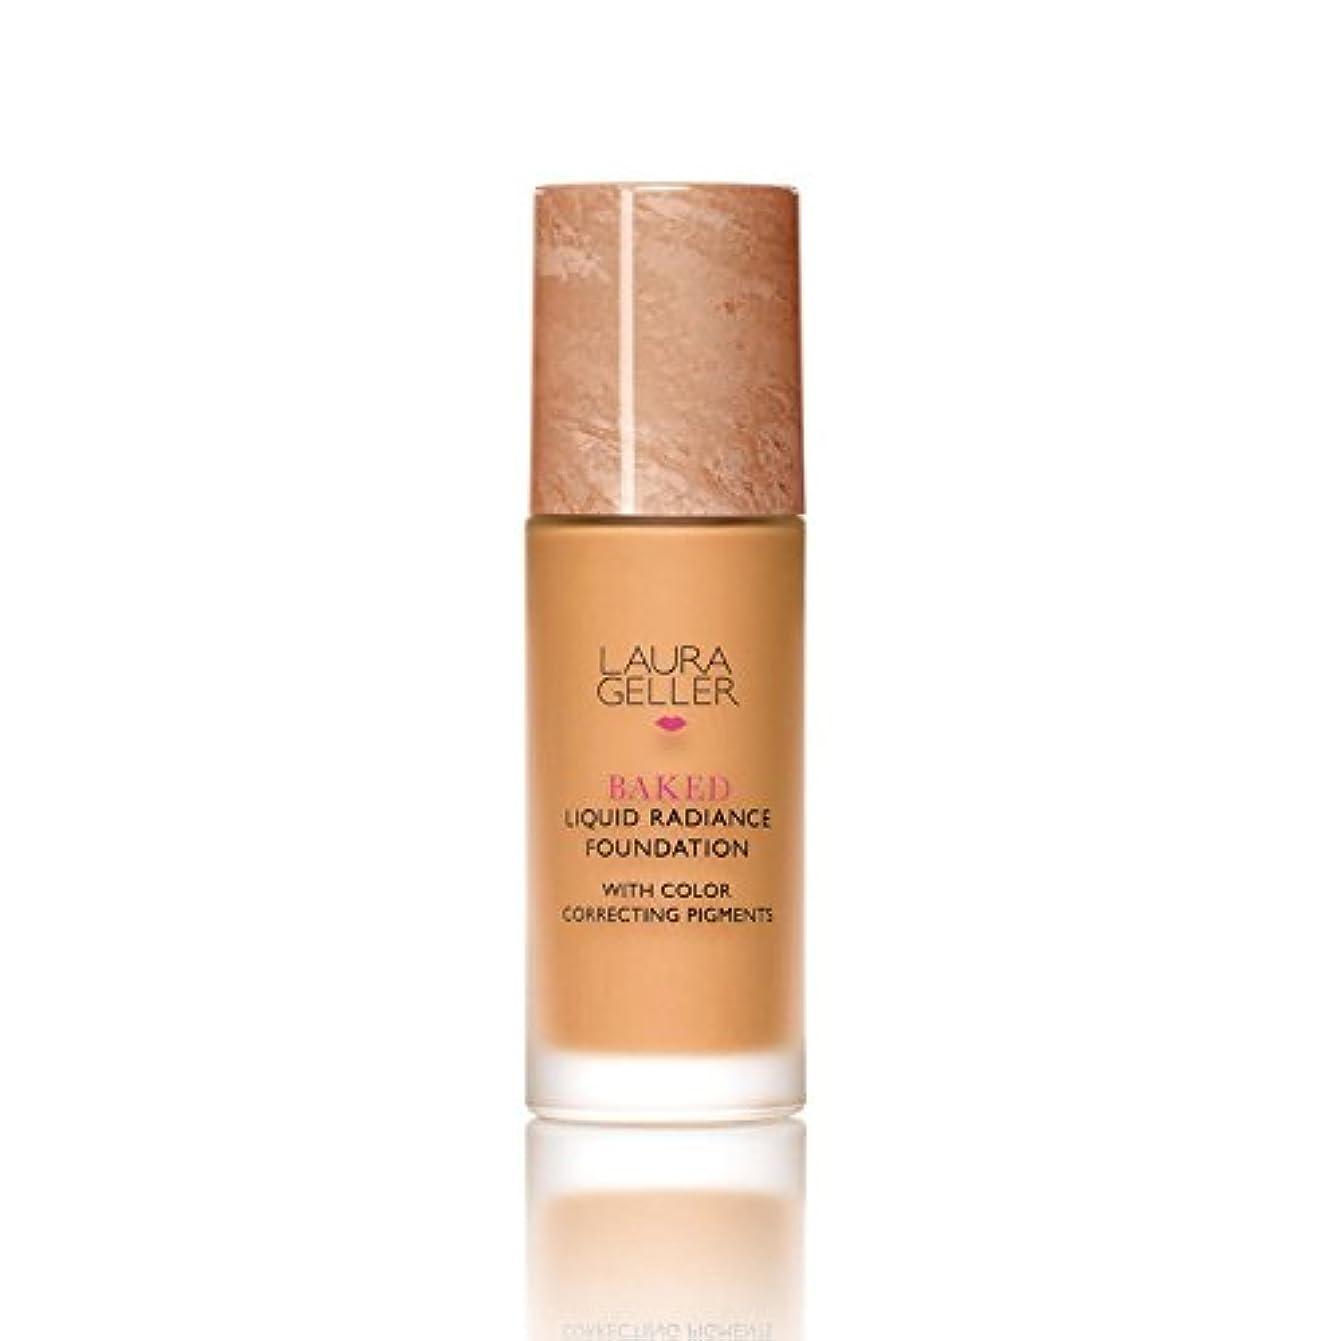 聖職者比較的霊ローラ?ゲラーニューヨーク焼いた液体放射輝度基盤日焼け x2 - Laura Geller New York Baked Liquid Radiance Foundation Tan (Pack of 2) [並行輸入品]